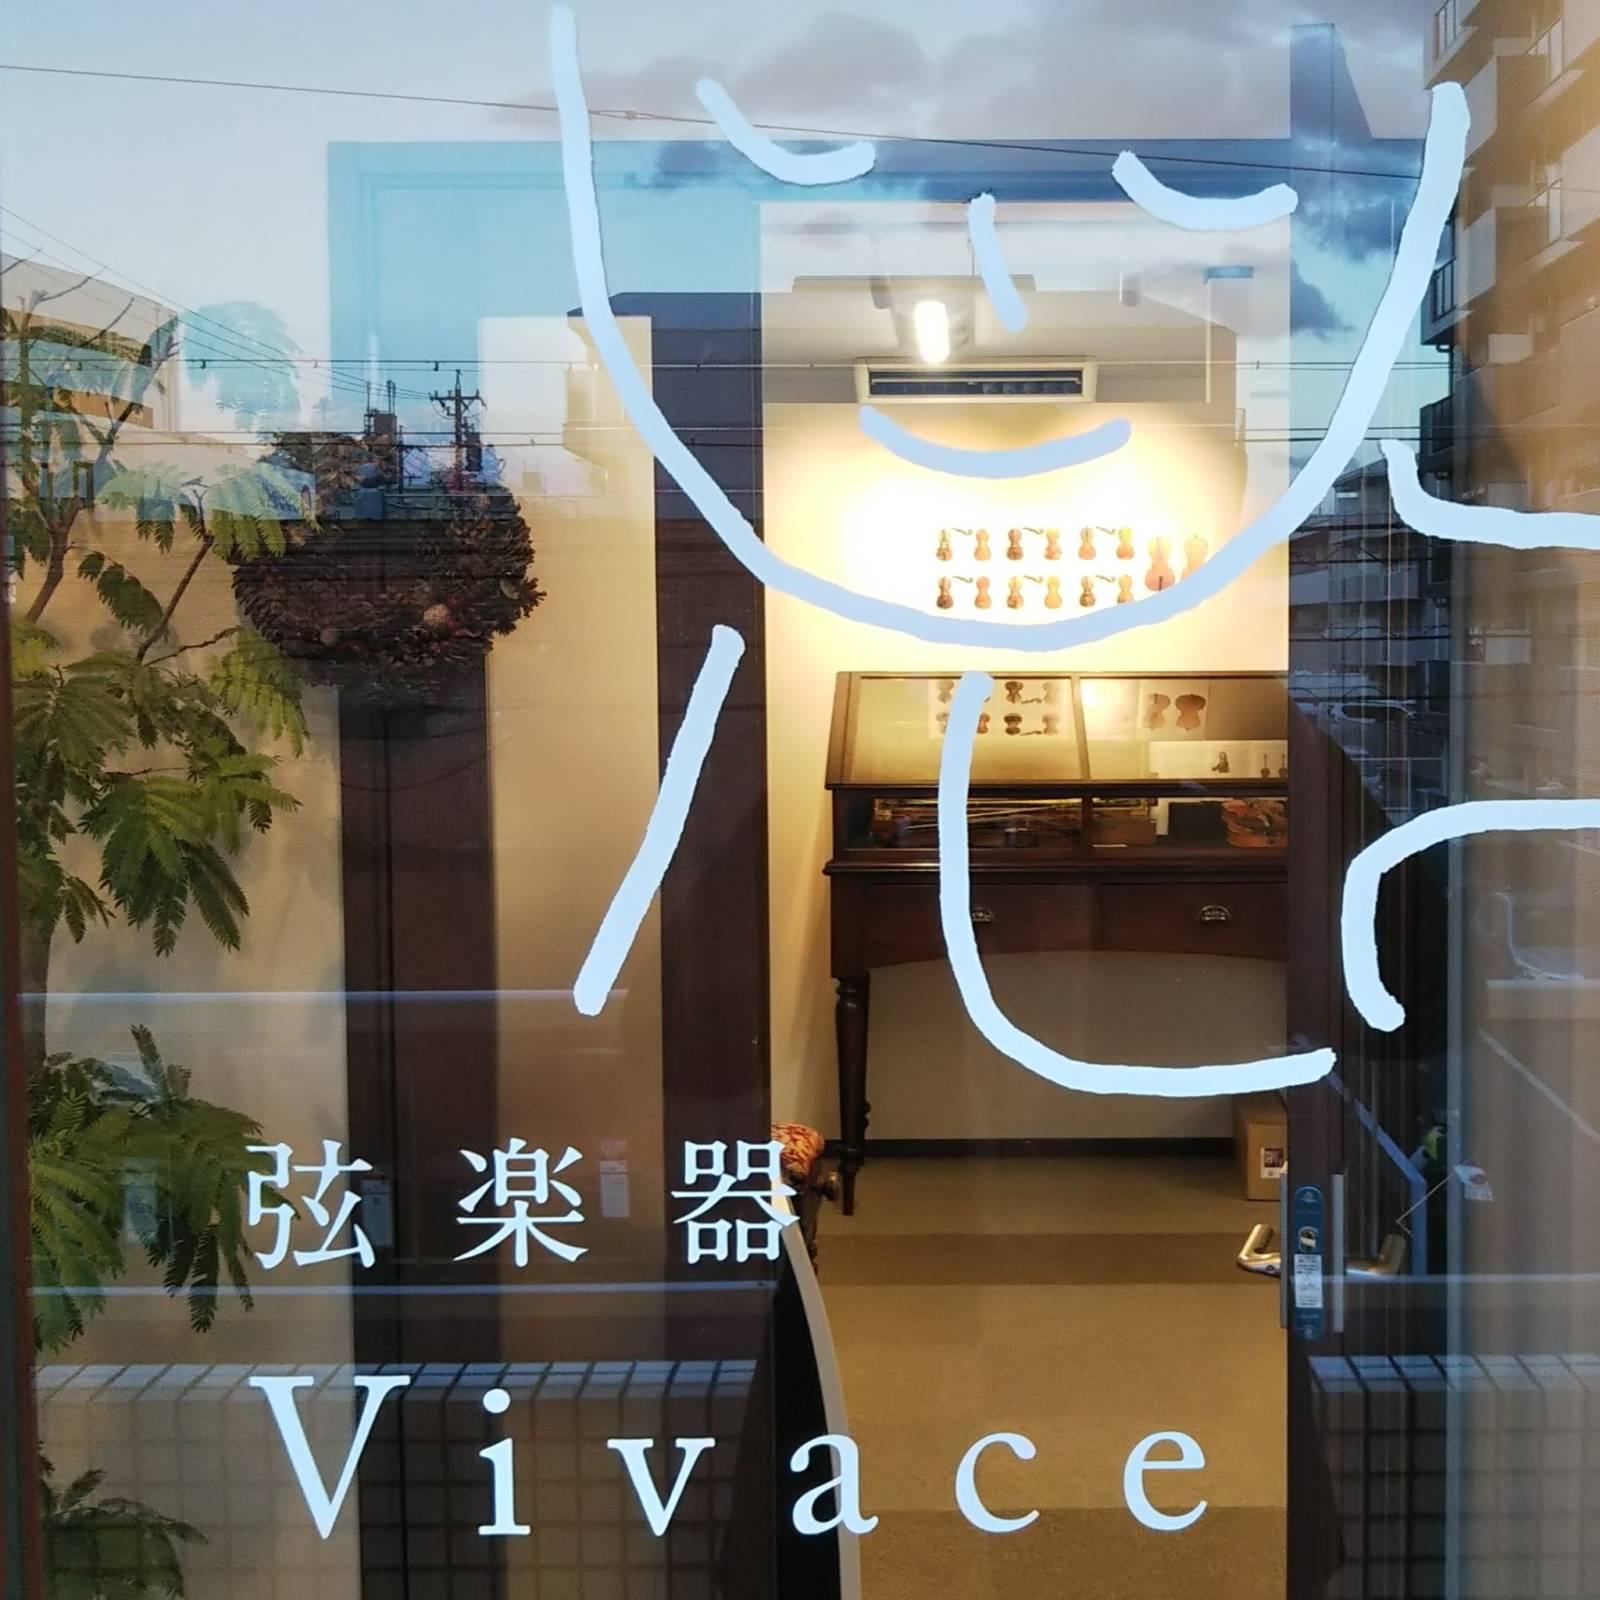 広島展示会に伴う臨時休業のお知らせ